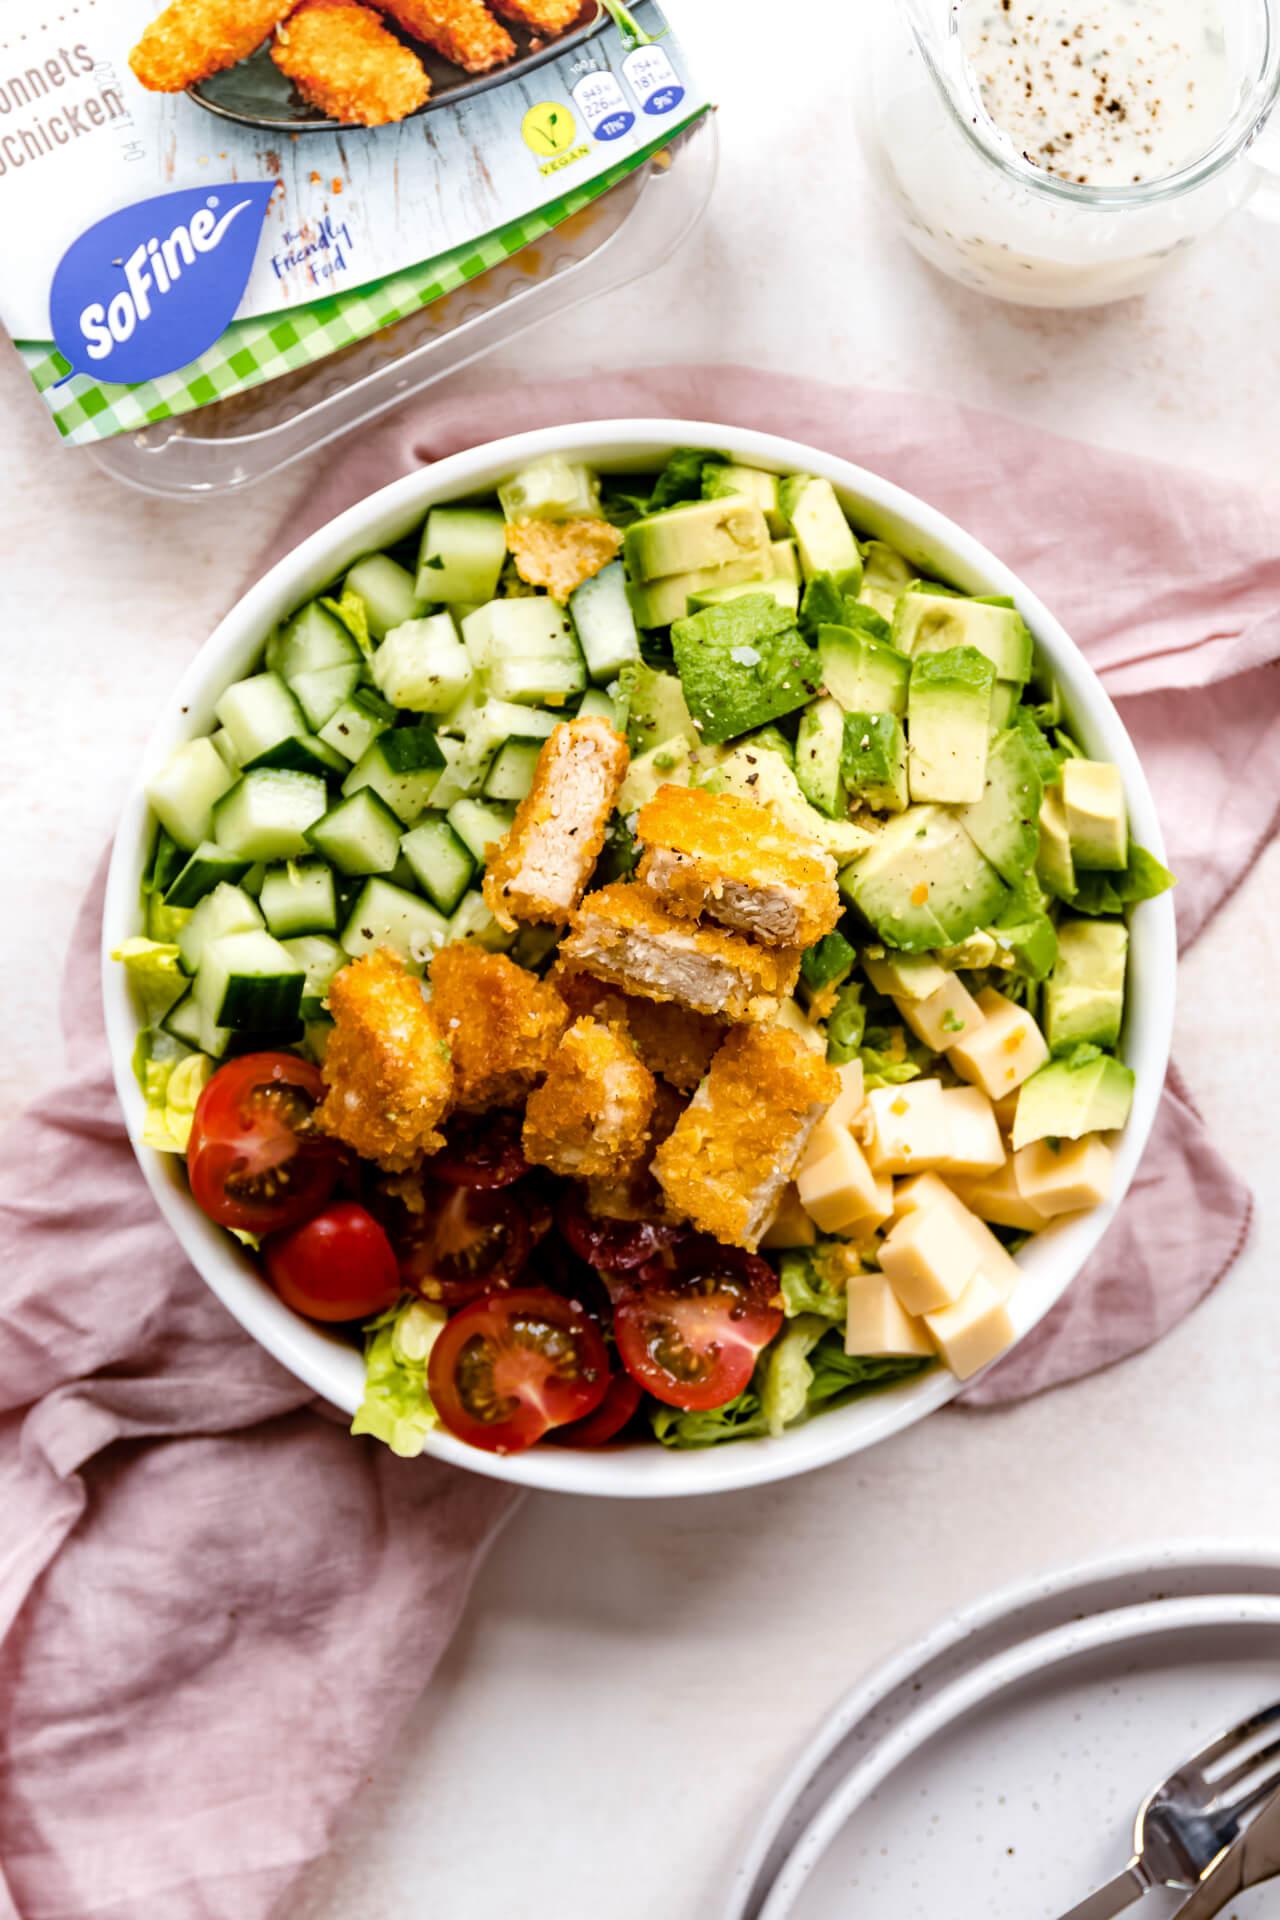 Cobb salade met krokante SoChicken en een ranch dressing